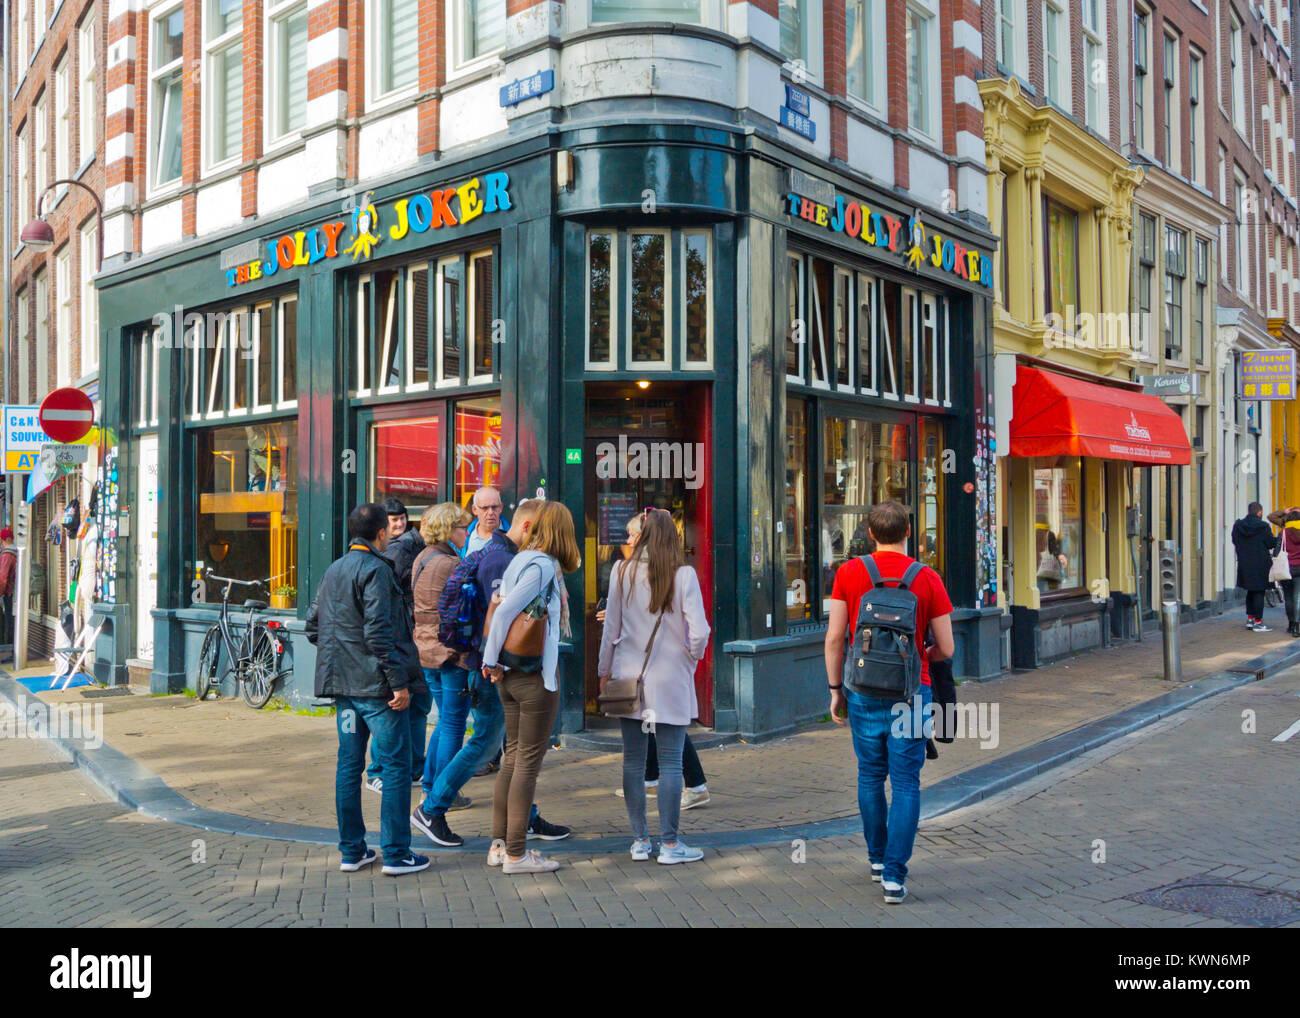 Jolly Joker coffeeshop, Nieuwmarkt, casco antiguo de la ciudad, Ámsterdam, Países Bajos. Imagen De Stock